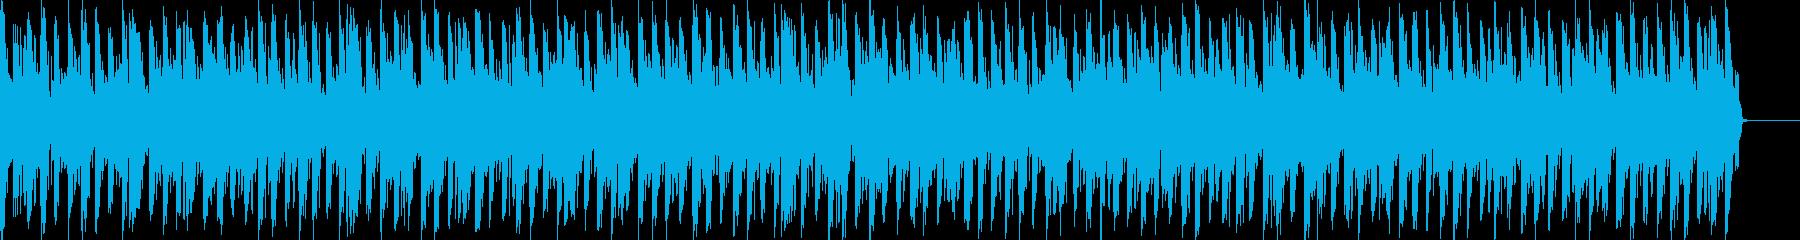 勢いのある煽りBGM  シンセ・4つ打ちの再生済みの波形